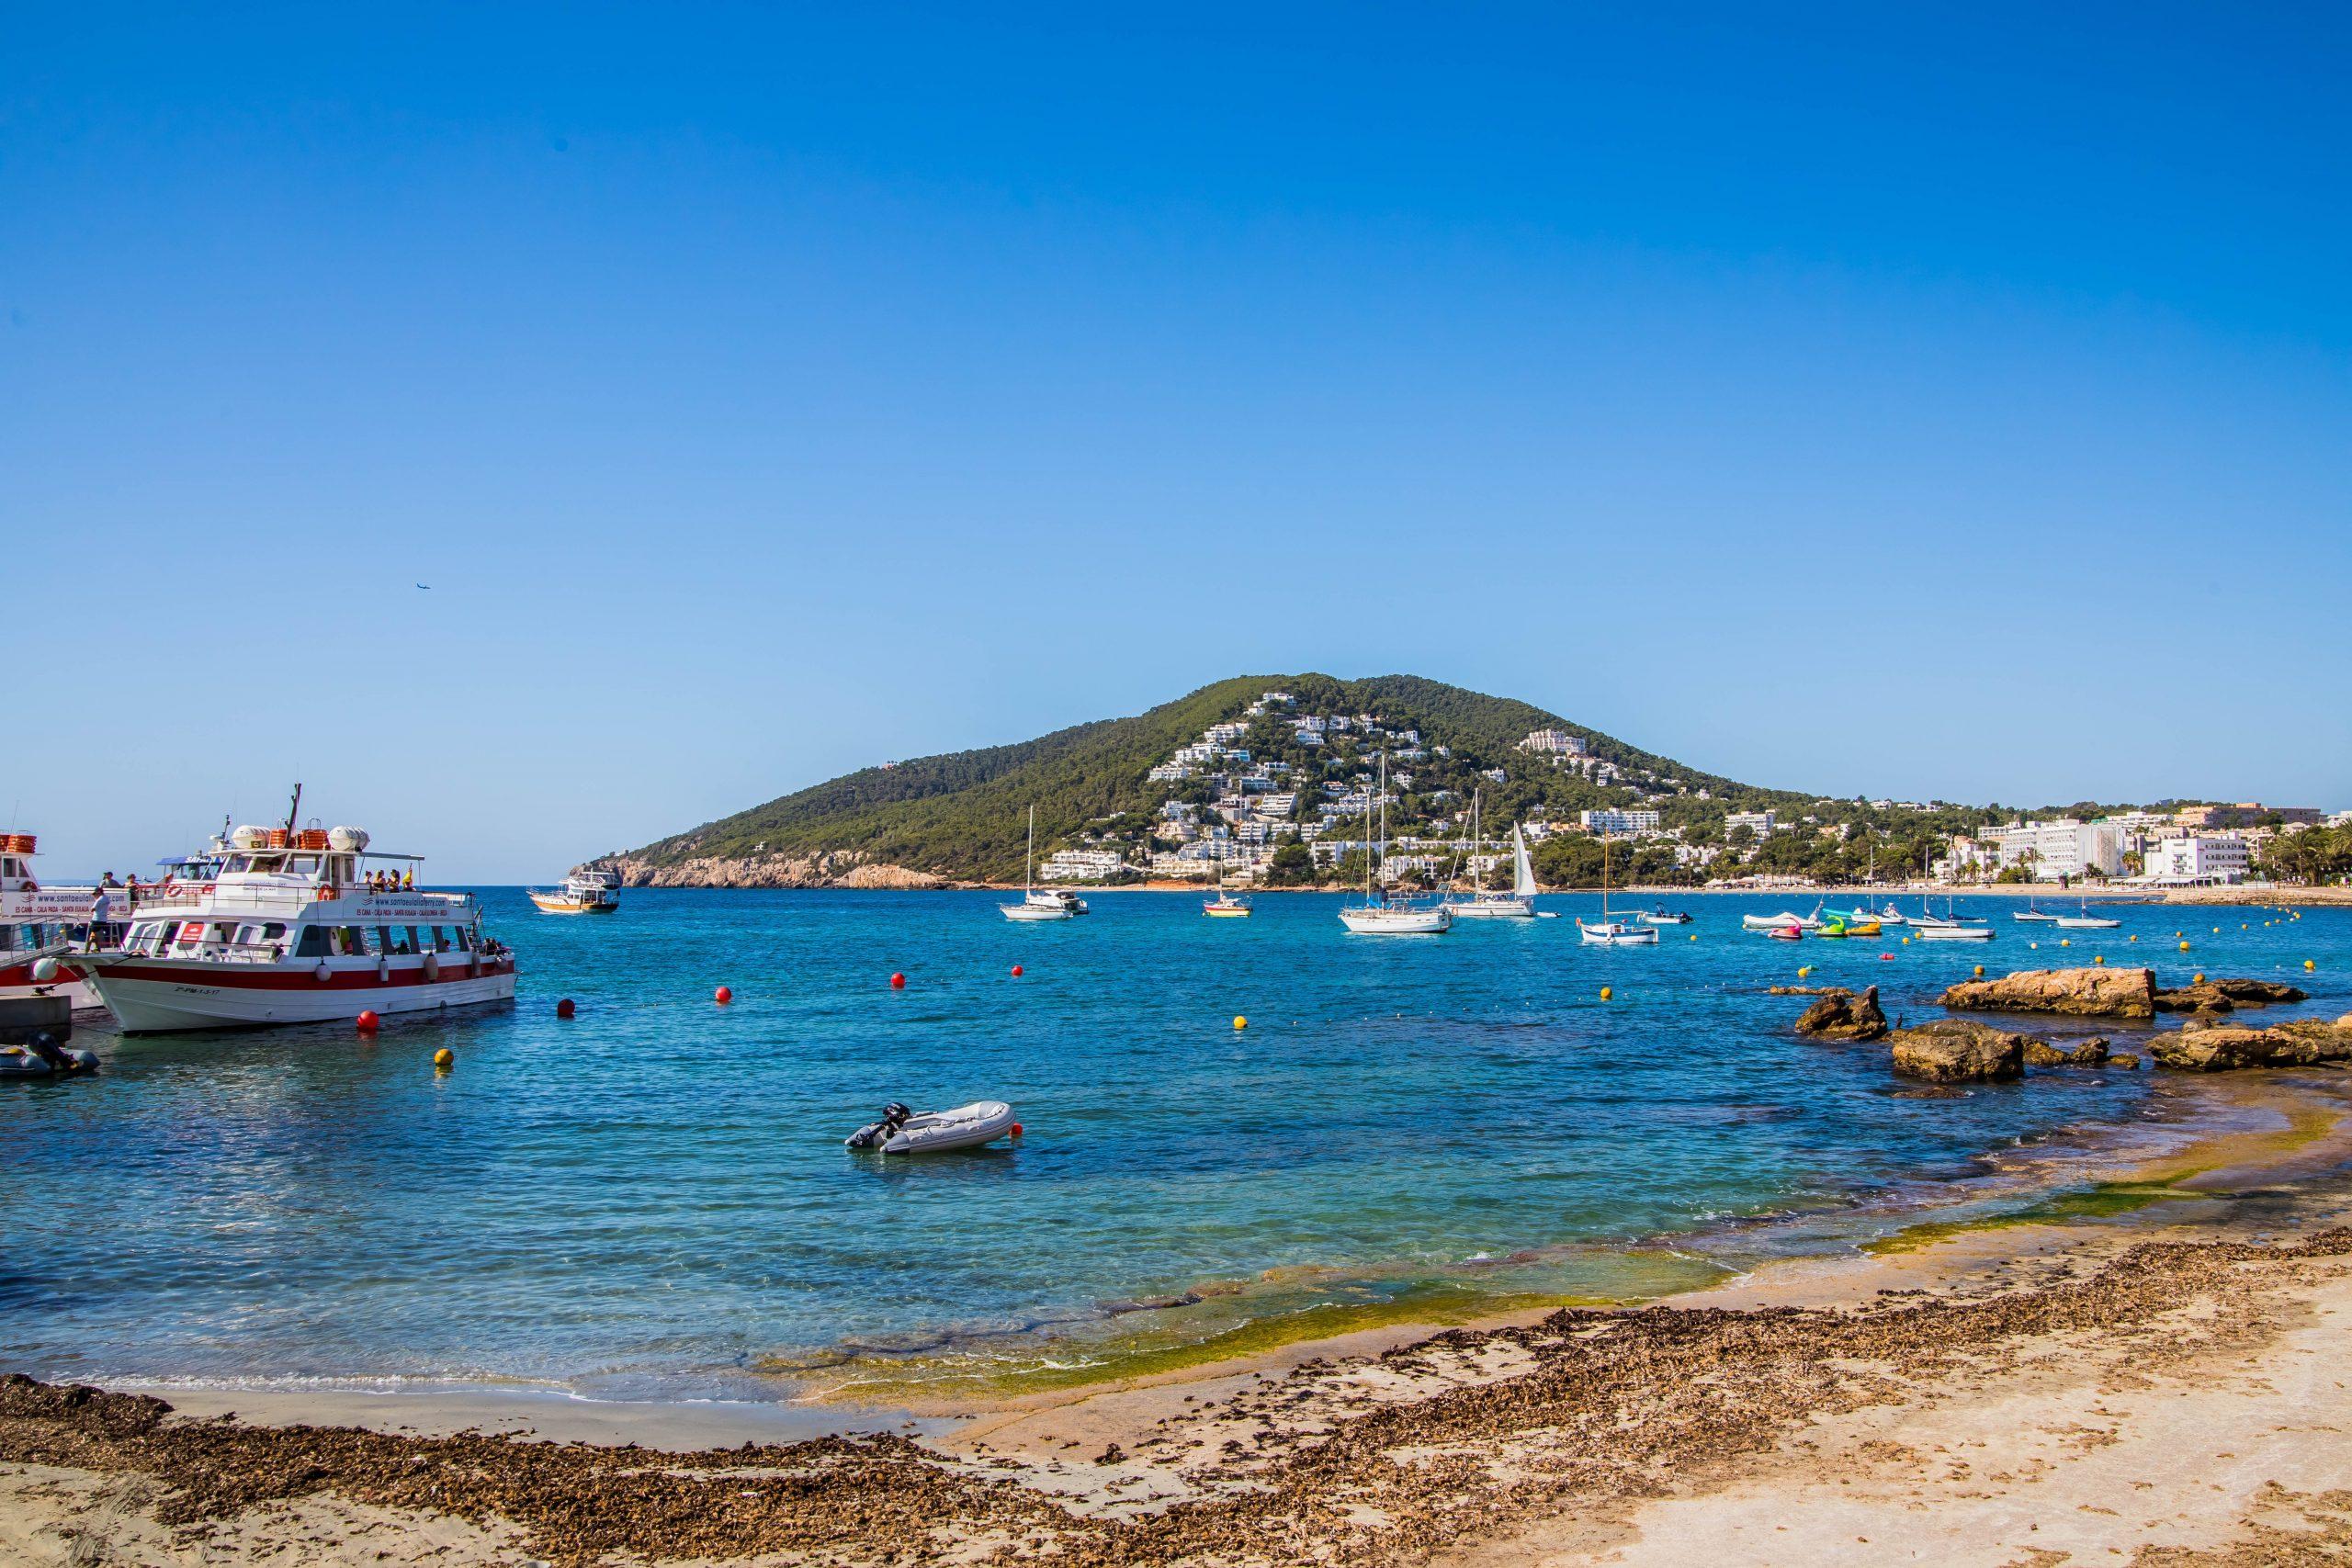 Charter Formentera en velero, Crucero Formentera en velero,Rutas en barco por Formentera